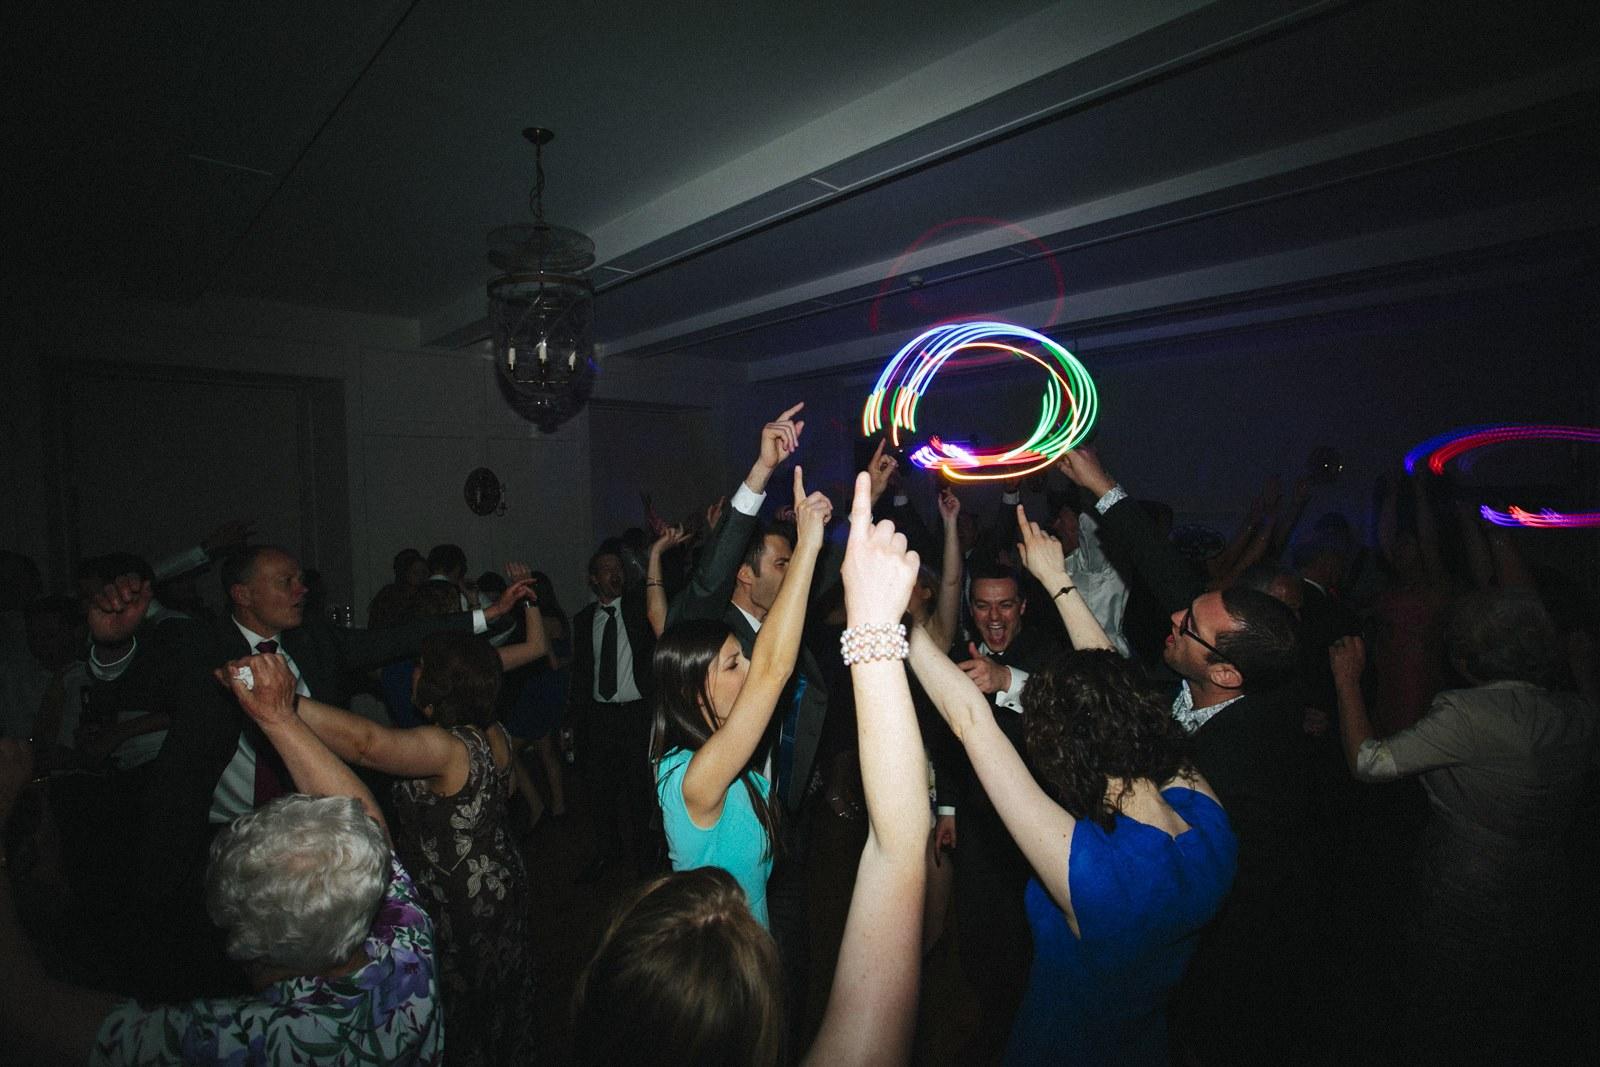 cambridge-event-party-2017-io-037